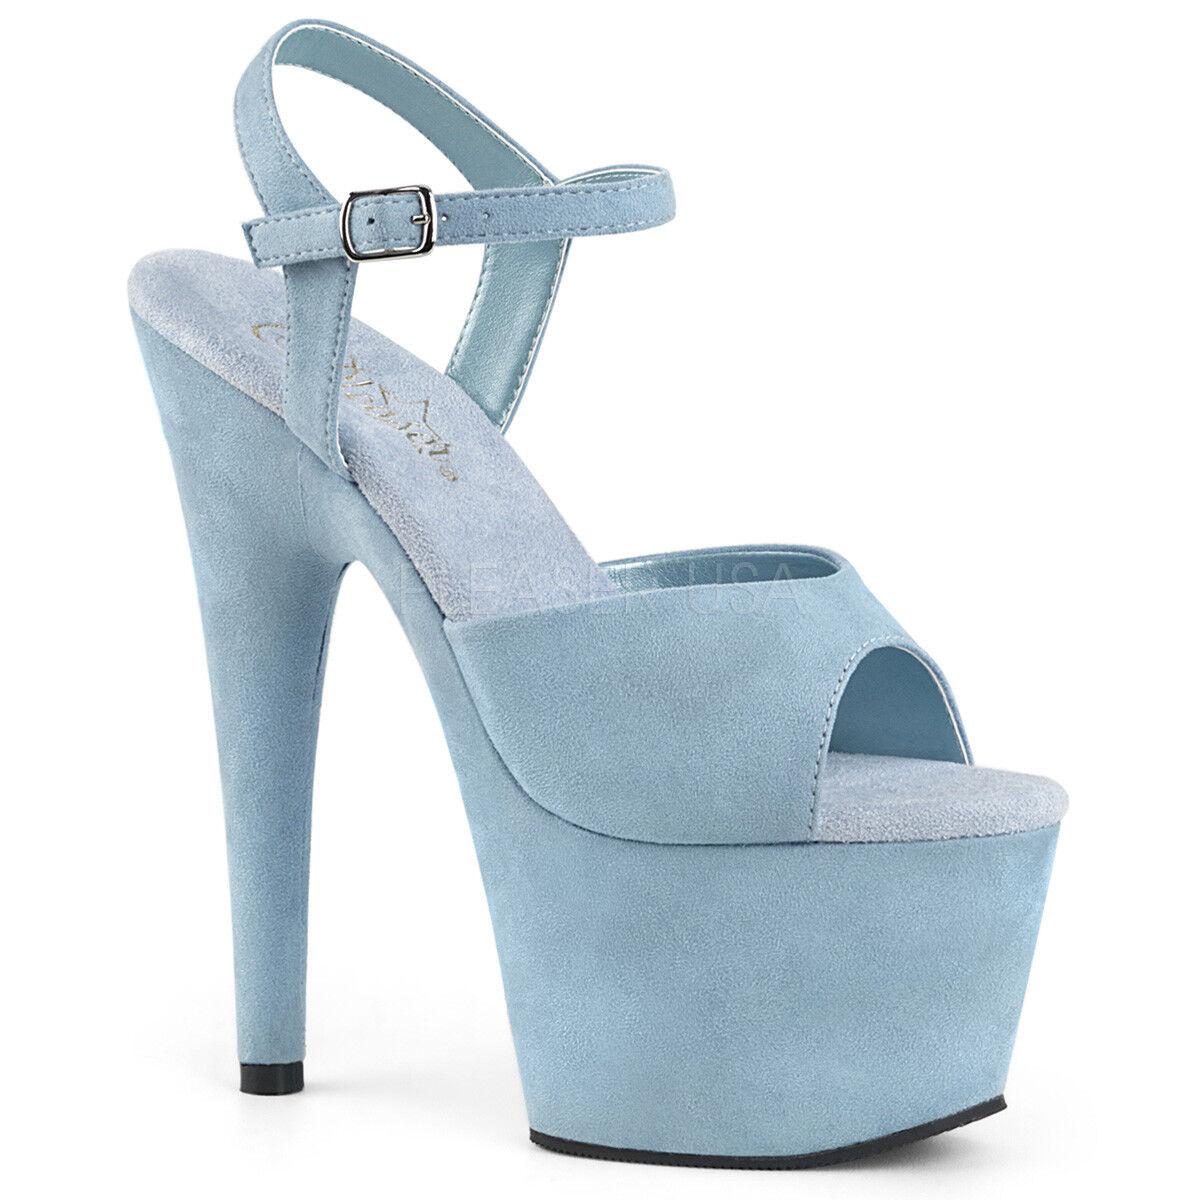 7  bébé daim bleu plateforme talons Strip-teaseuse gogo danseuse chaussures Pleaser adore - 709FS